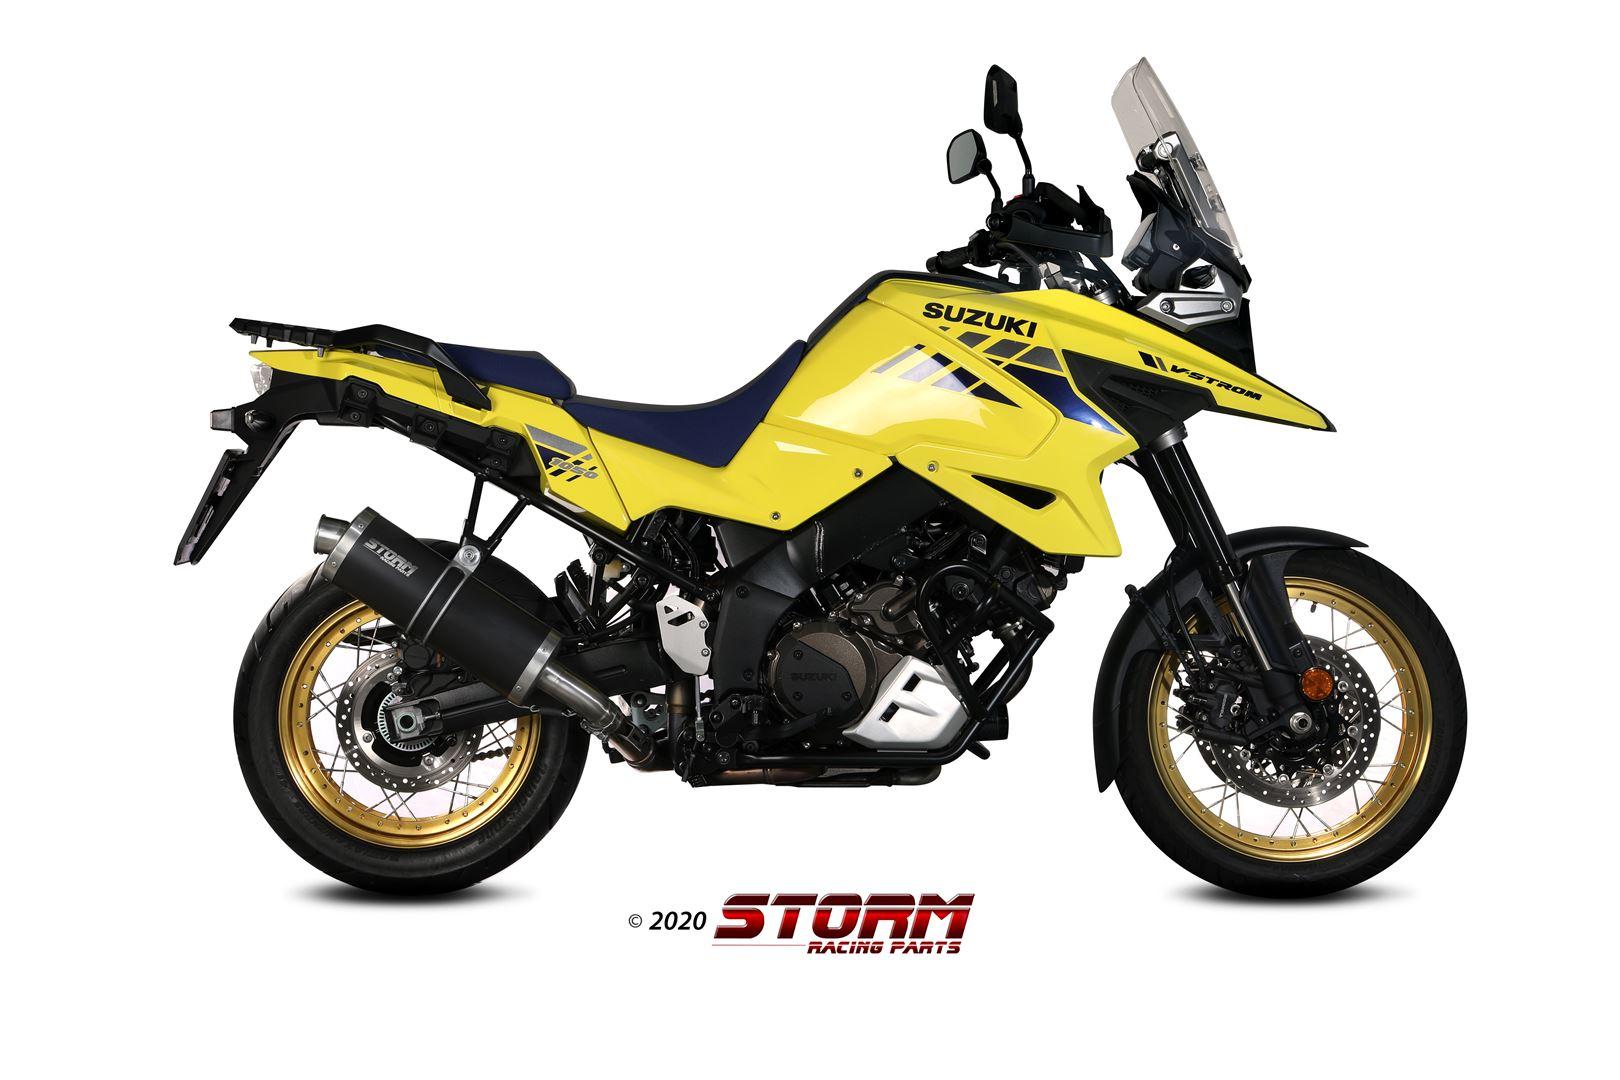 Suzuki_VStrom1050_2020-_74S042LX2B_$01